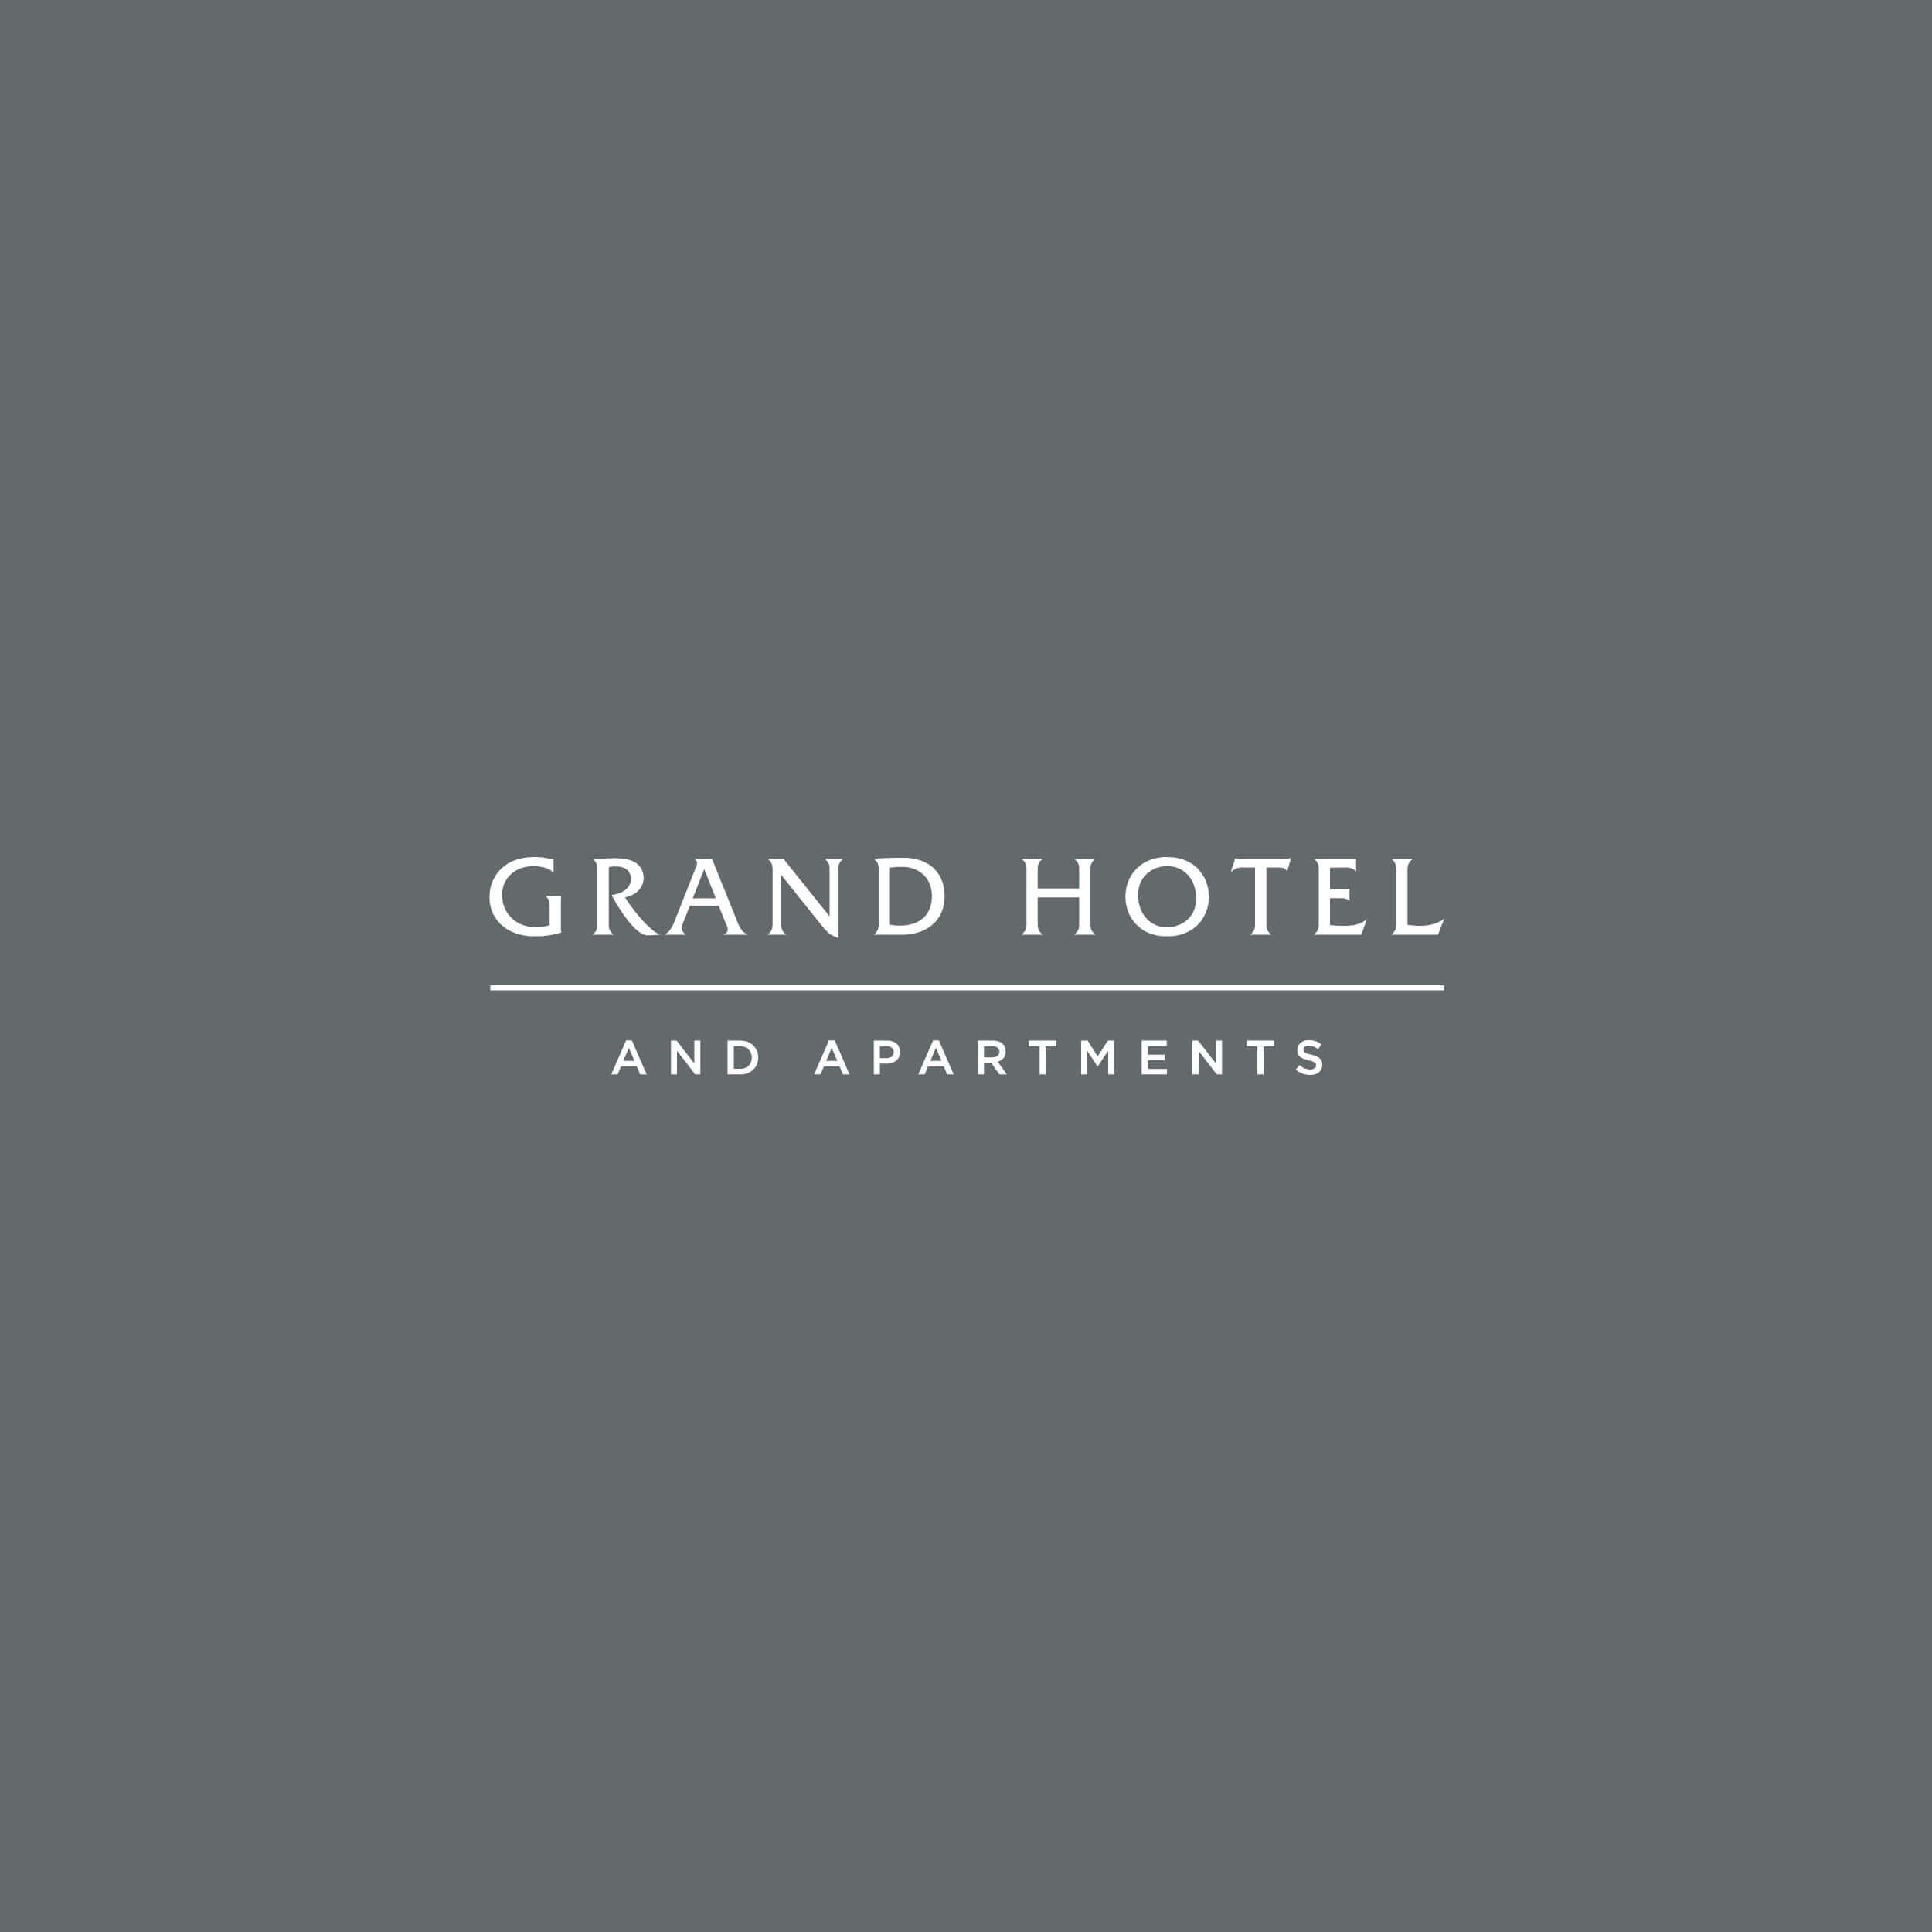 Verve Design Portfolio Featured Image Grand Hotel